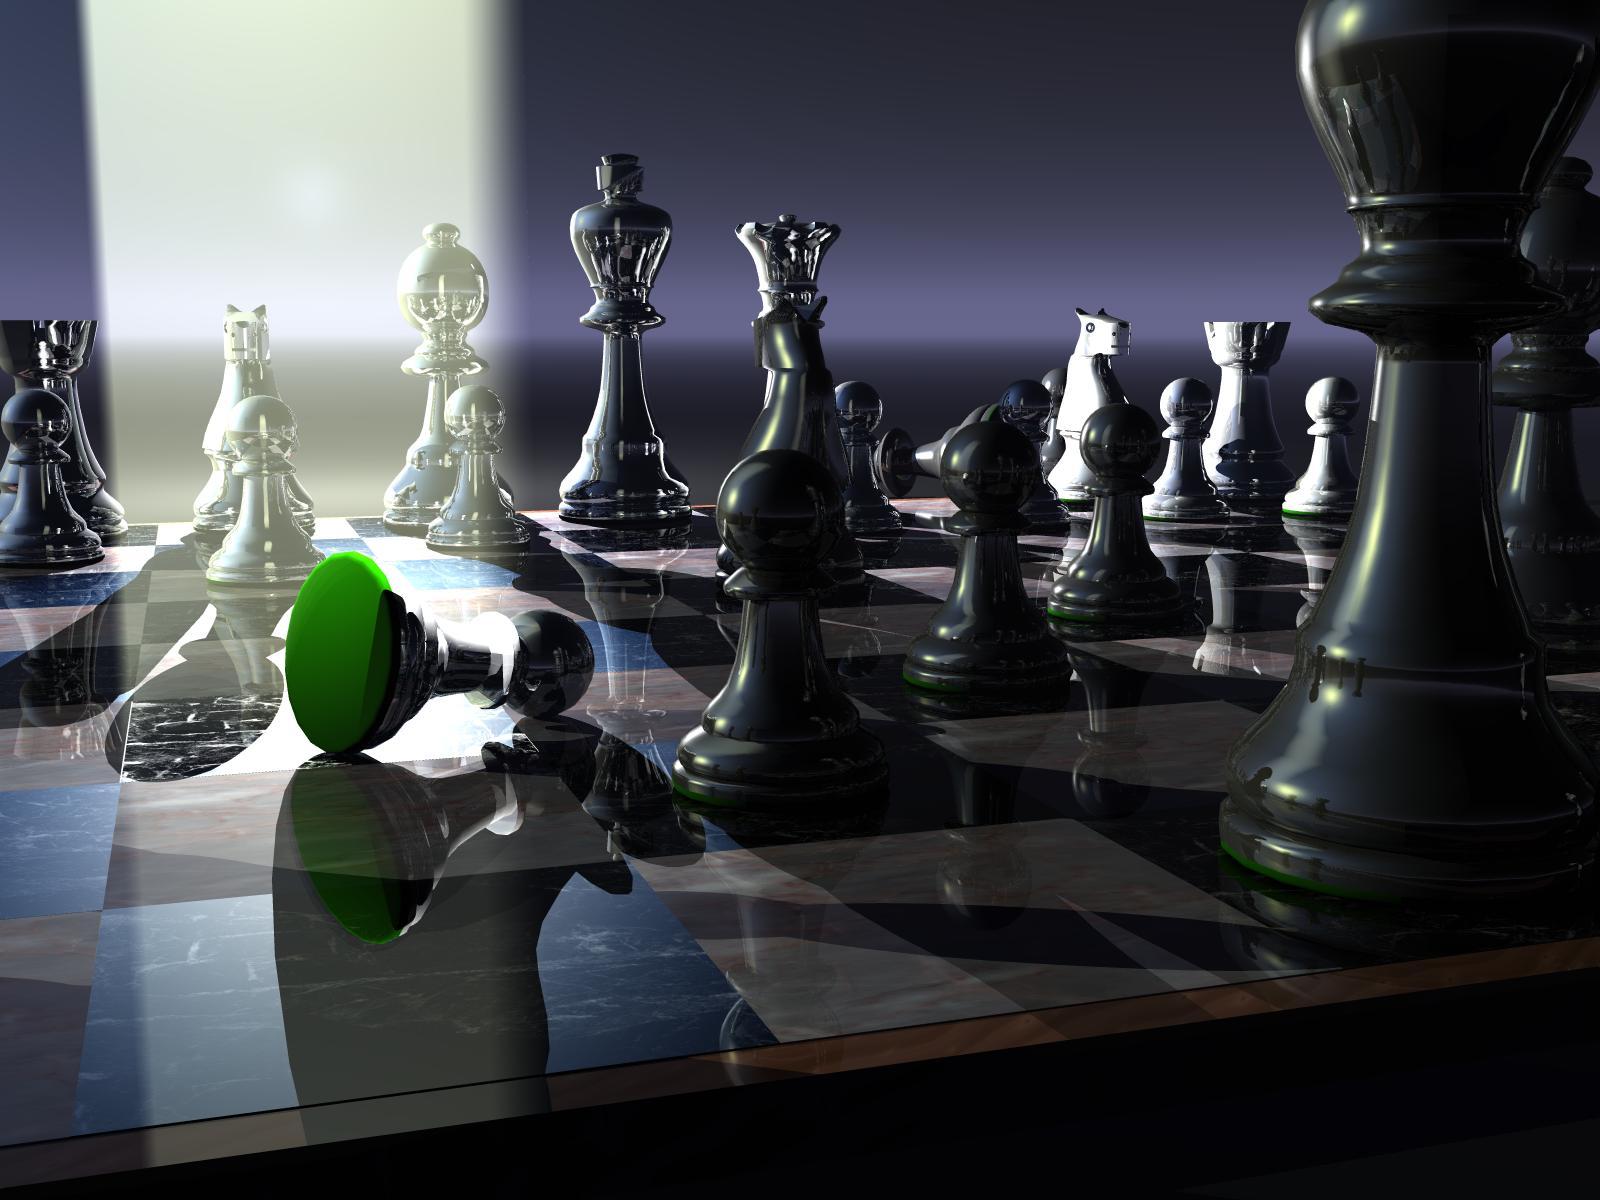 Sfondi desktop 3d scacchi hd sfondi hd gratis for Sfondi desktop 3d